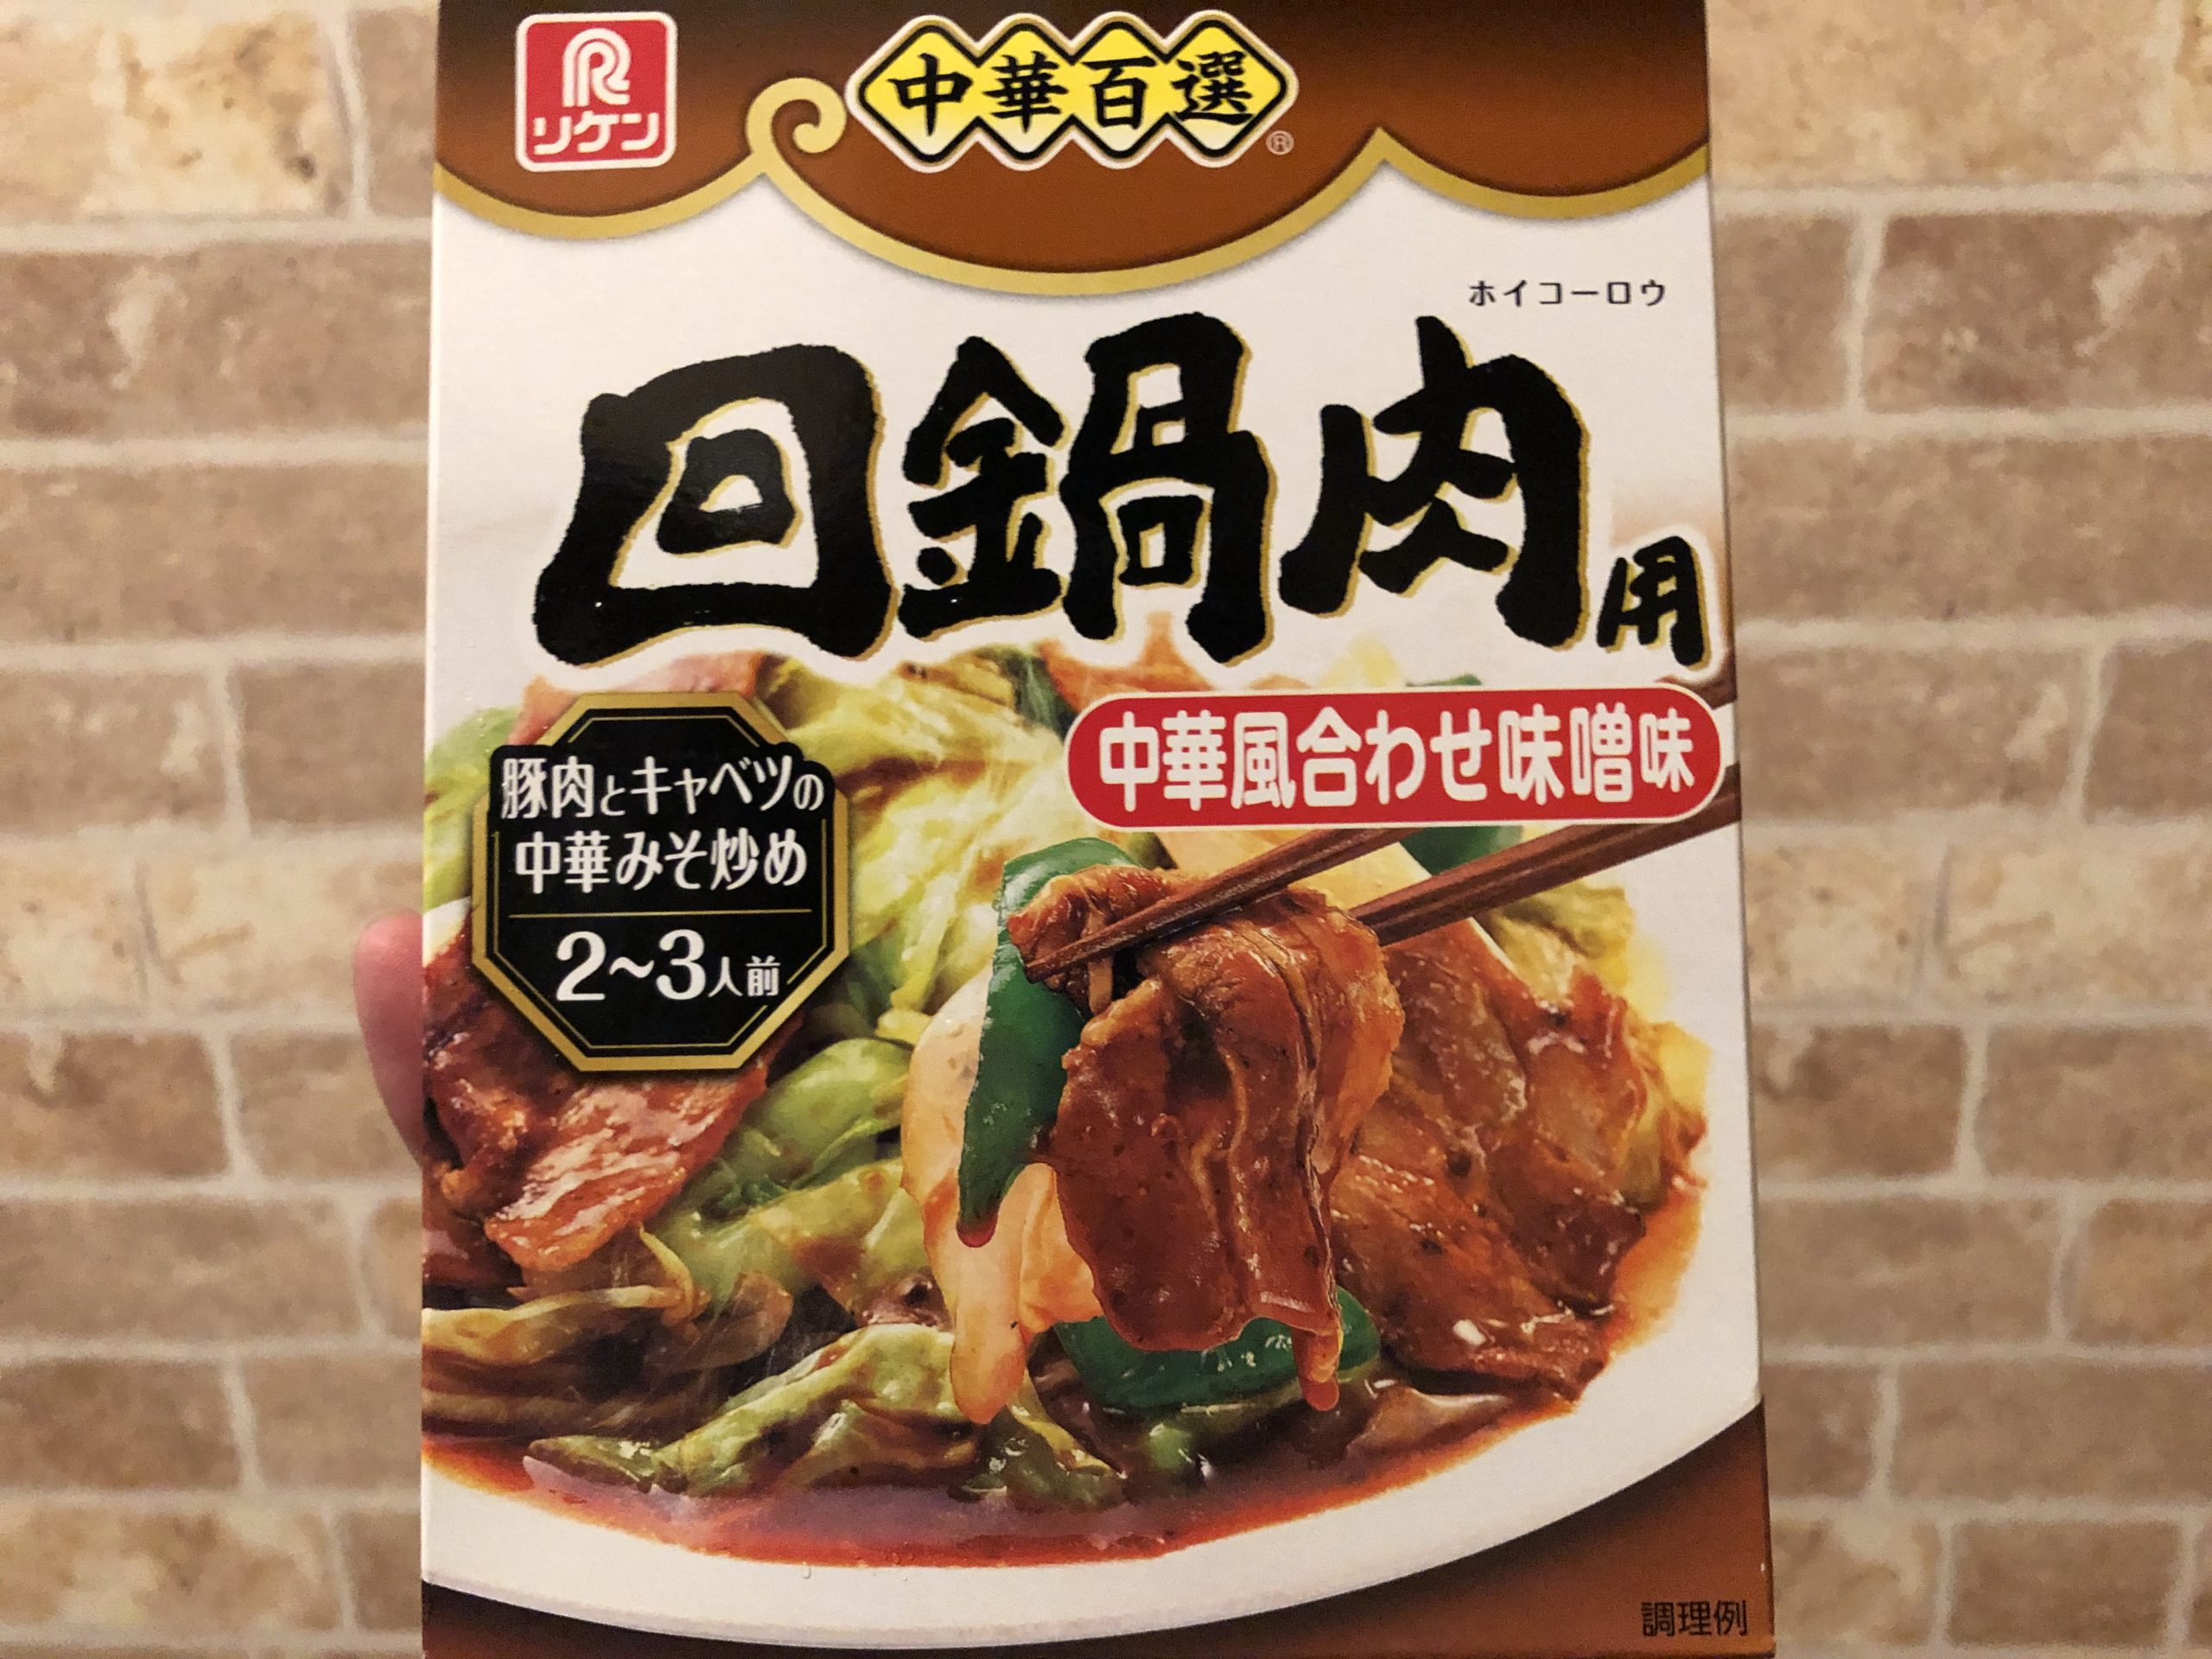 回鍋肉の外箱